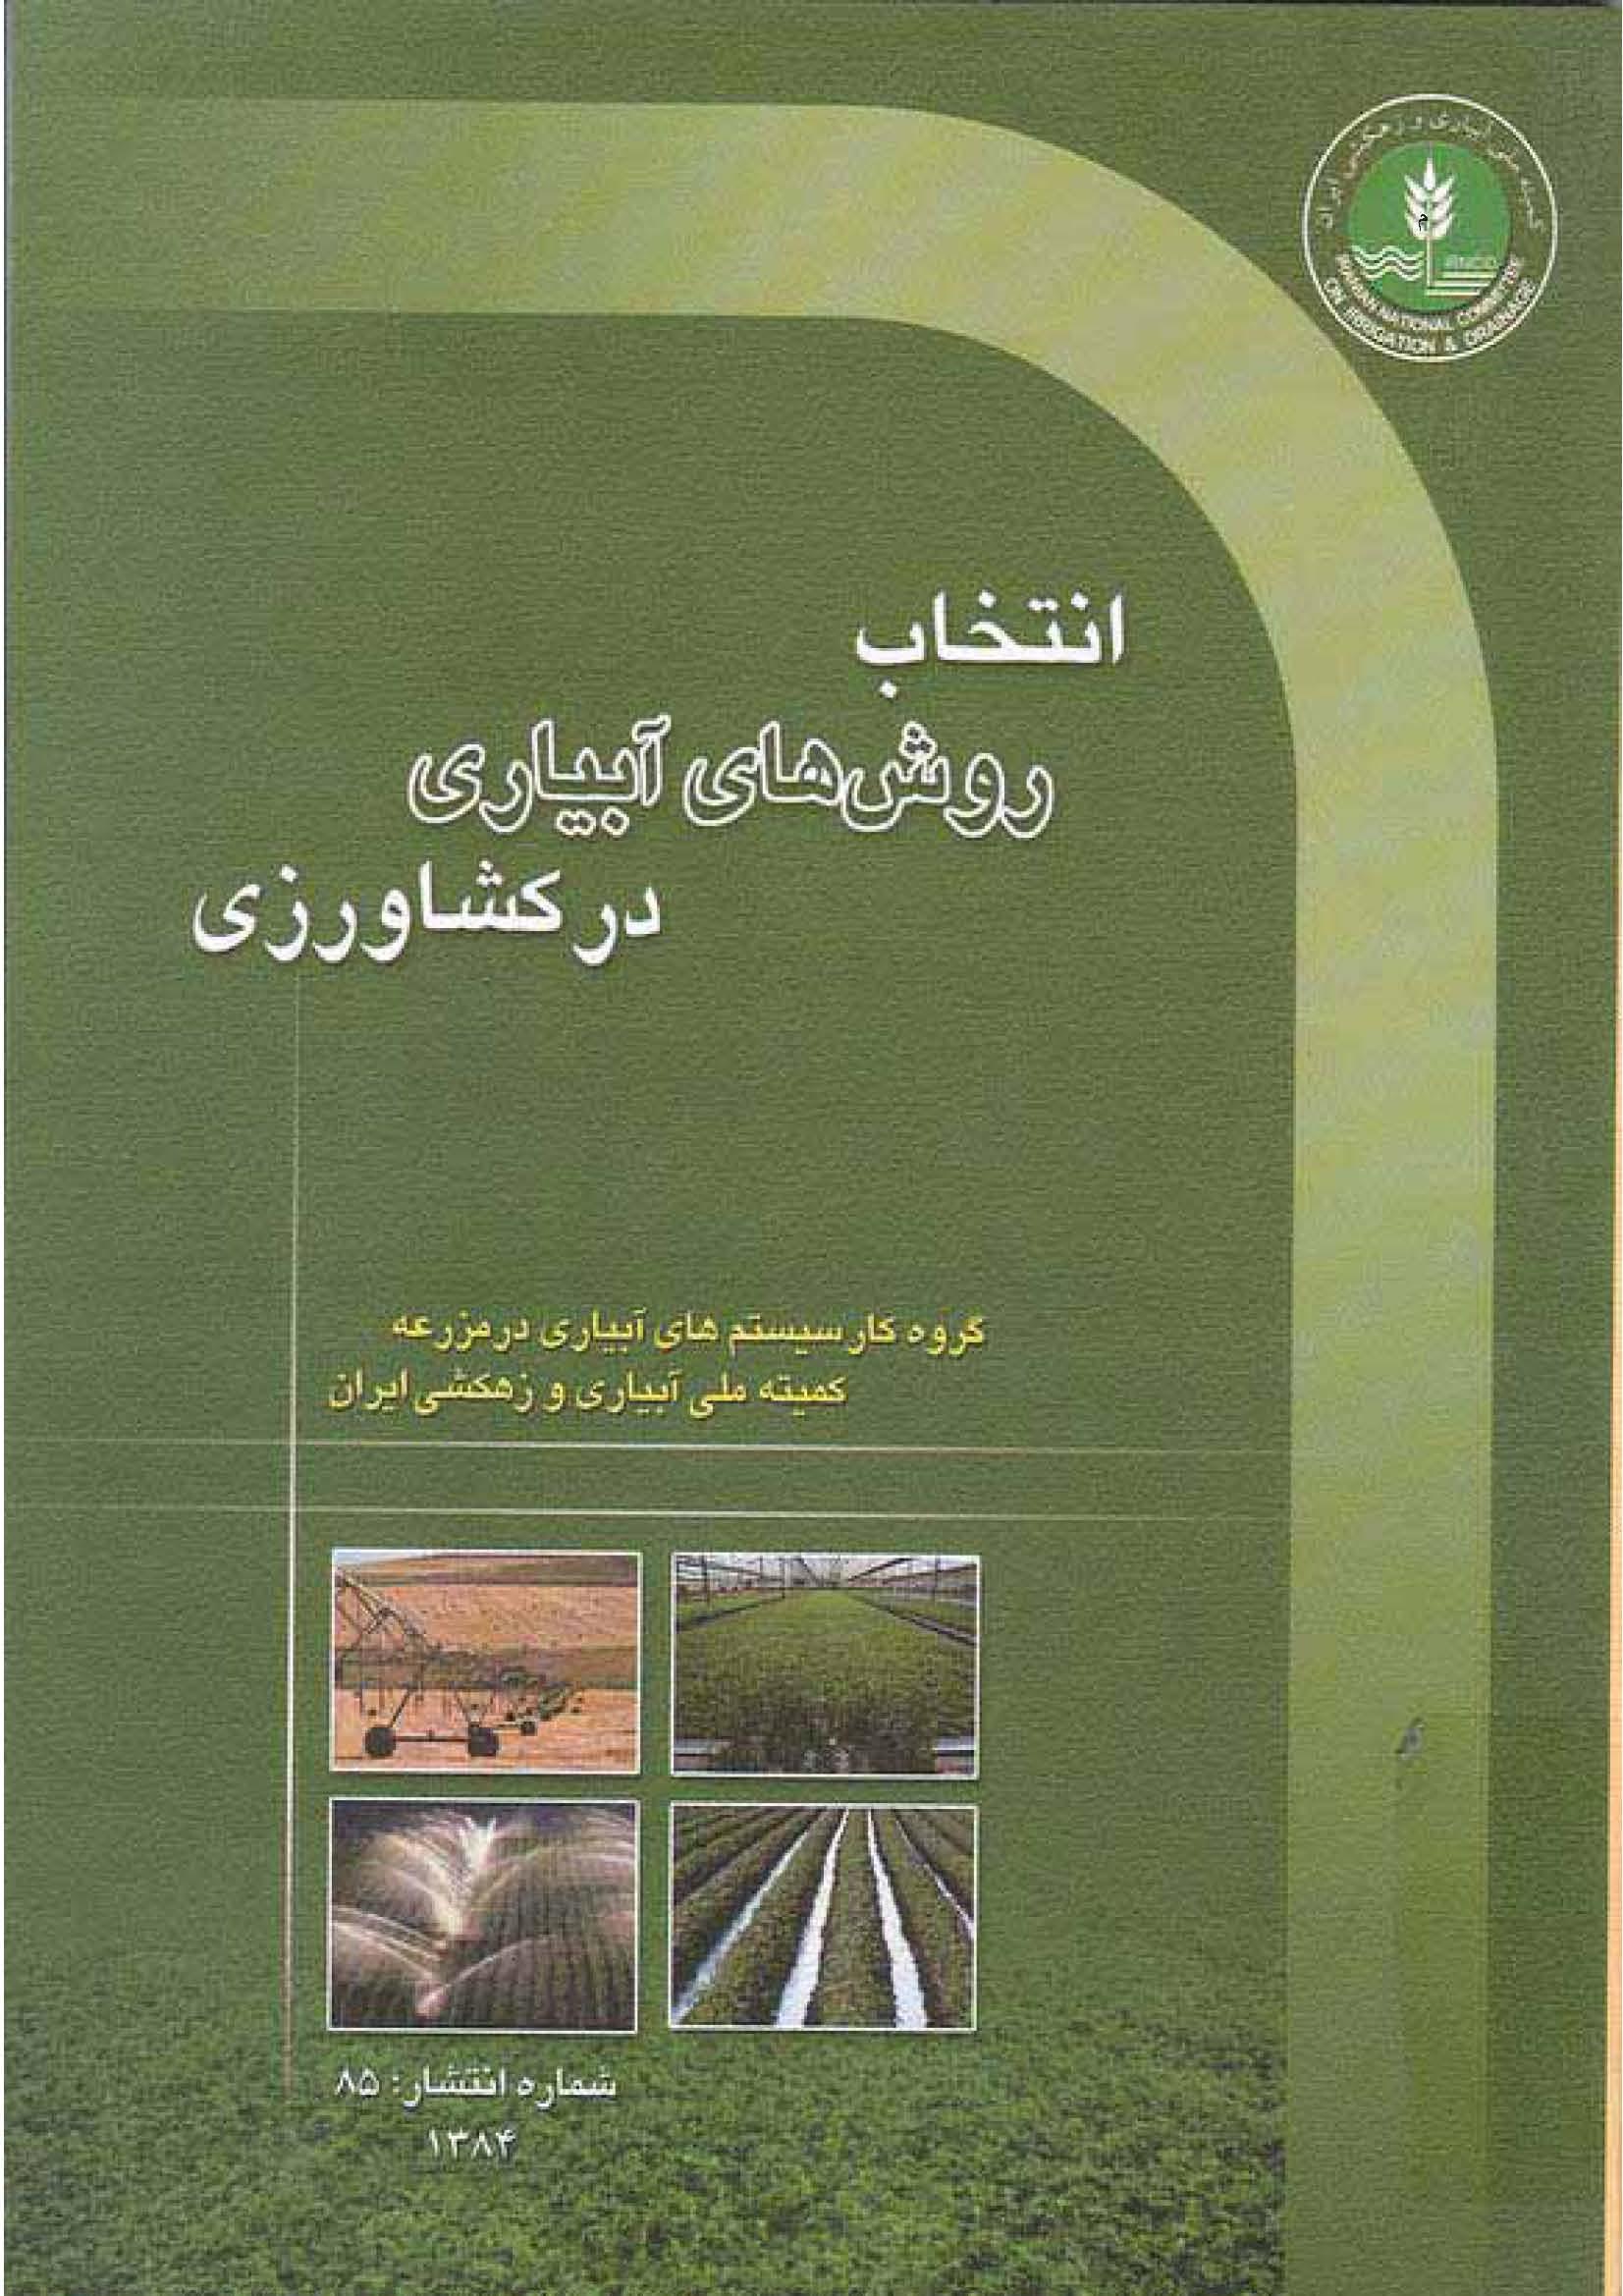 انتخاب روش های آبیاری در کشاورزی